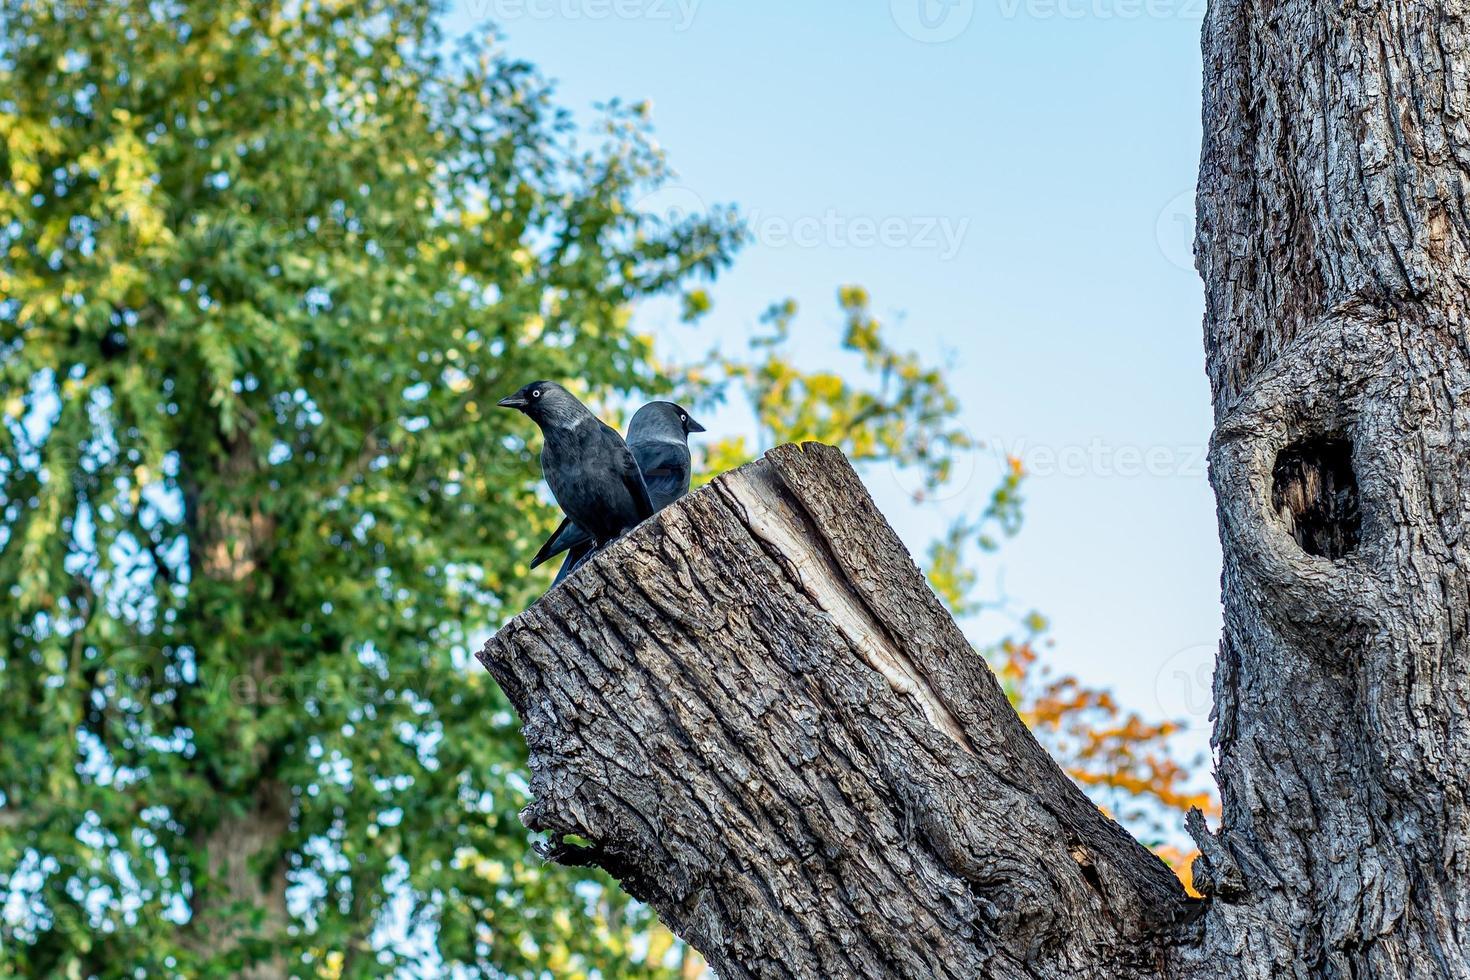 Dos pájaros jack daw sentados en un gran tronco de árbol foto